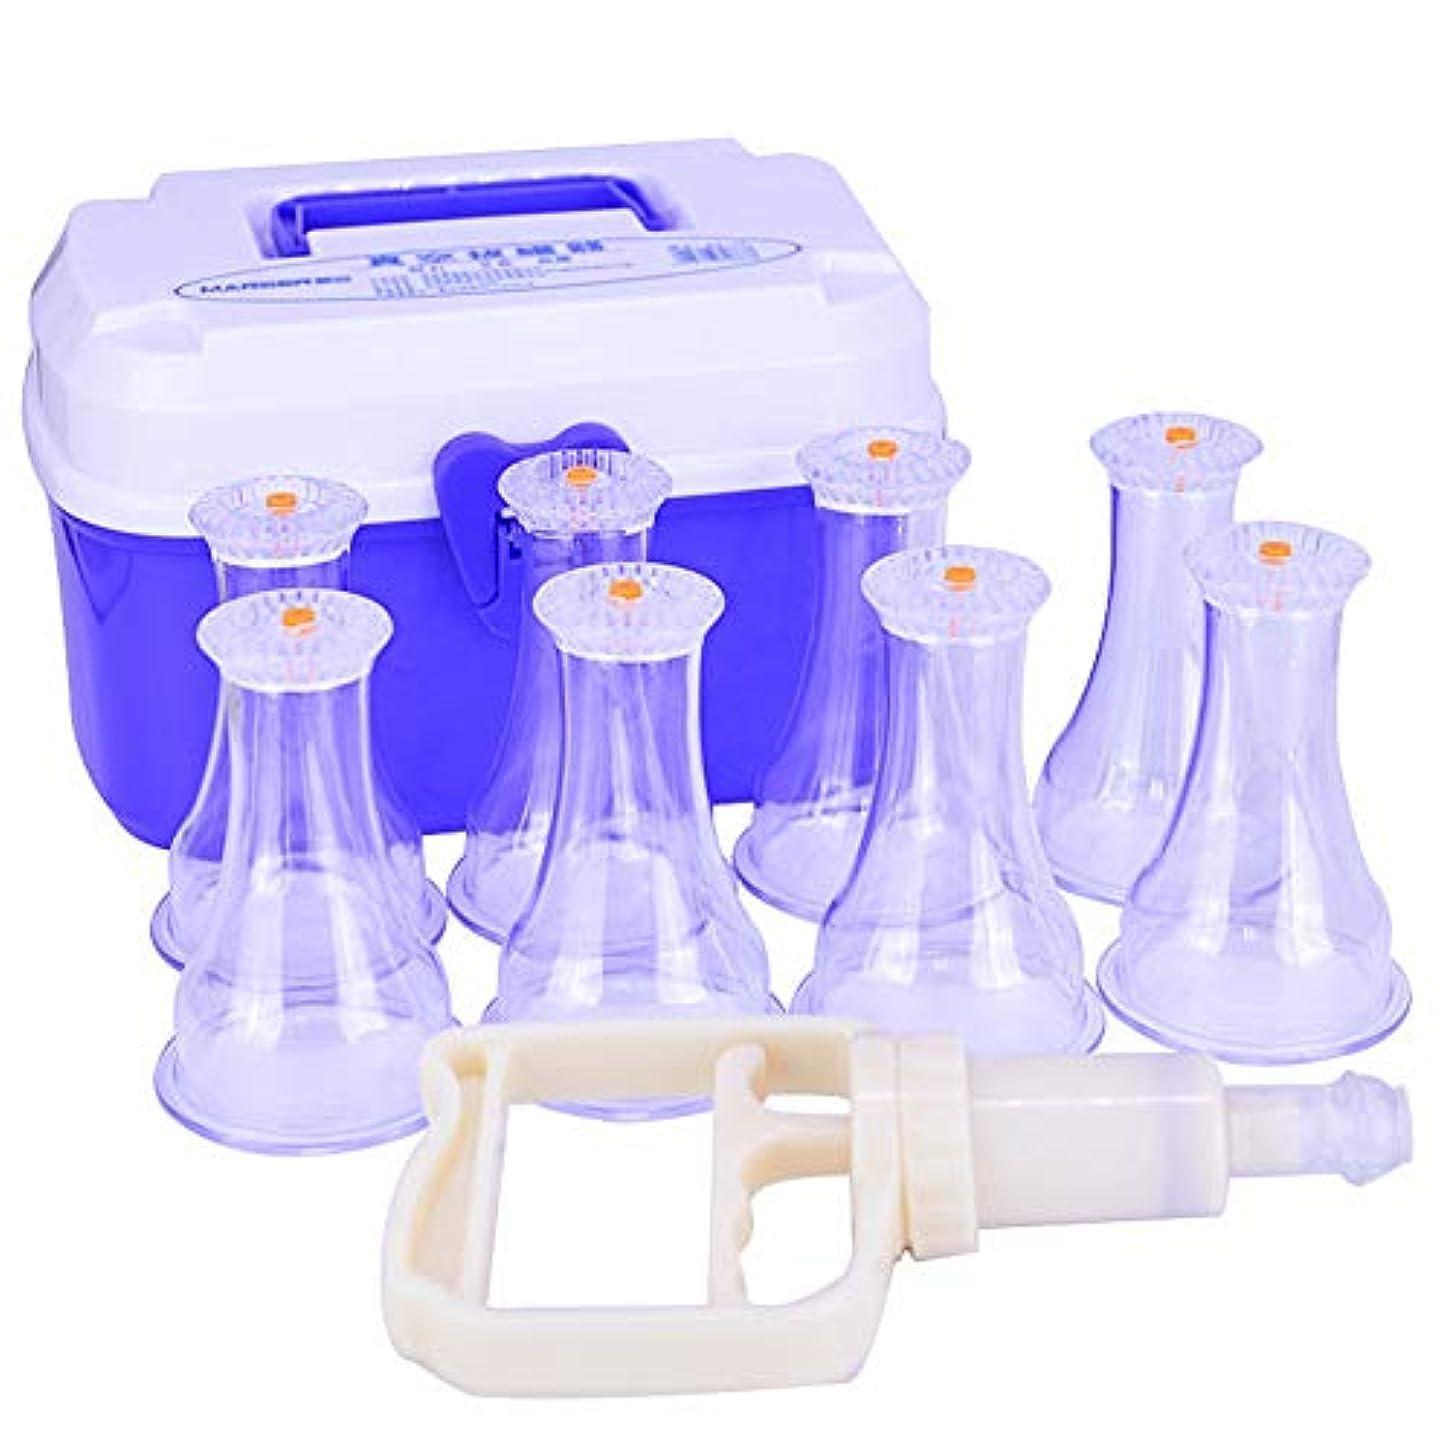 を通して算術遊具8カップカッピングセットプラスチック、真空吸引生体磁気中国療法カップ、収納ボックスポンプ付き医療、ボディマッサージの痛みを軽減する物理的排泄毒素